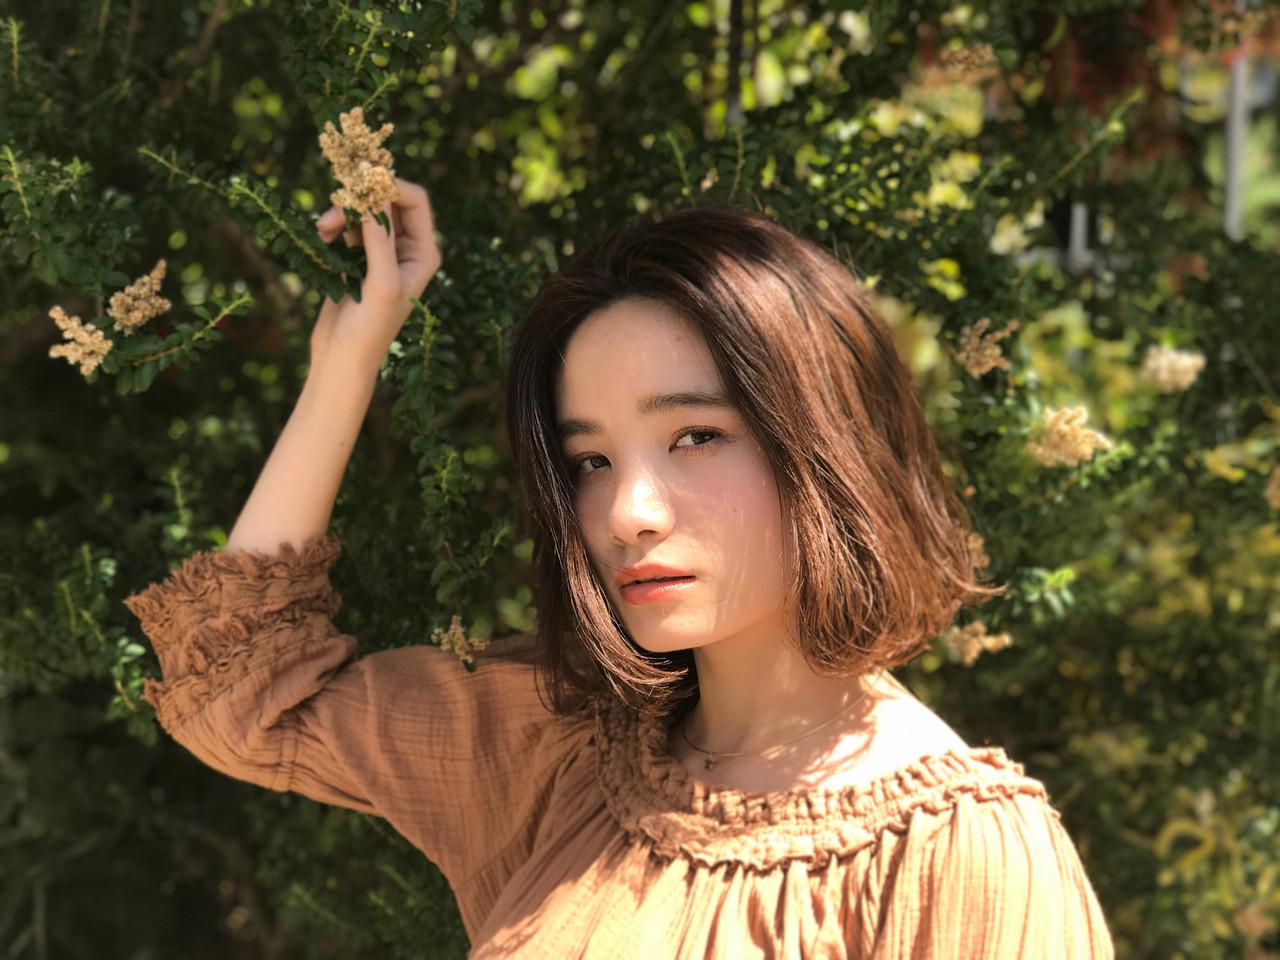 ふわふわ パーマ オシャレ オフィス ヘアスタイルや髪型の写真・画像 | 成田沙也加 / tricca Daikanyama